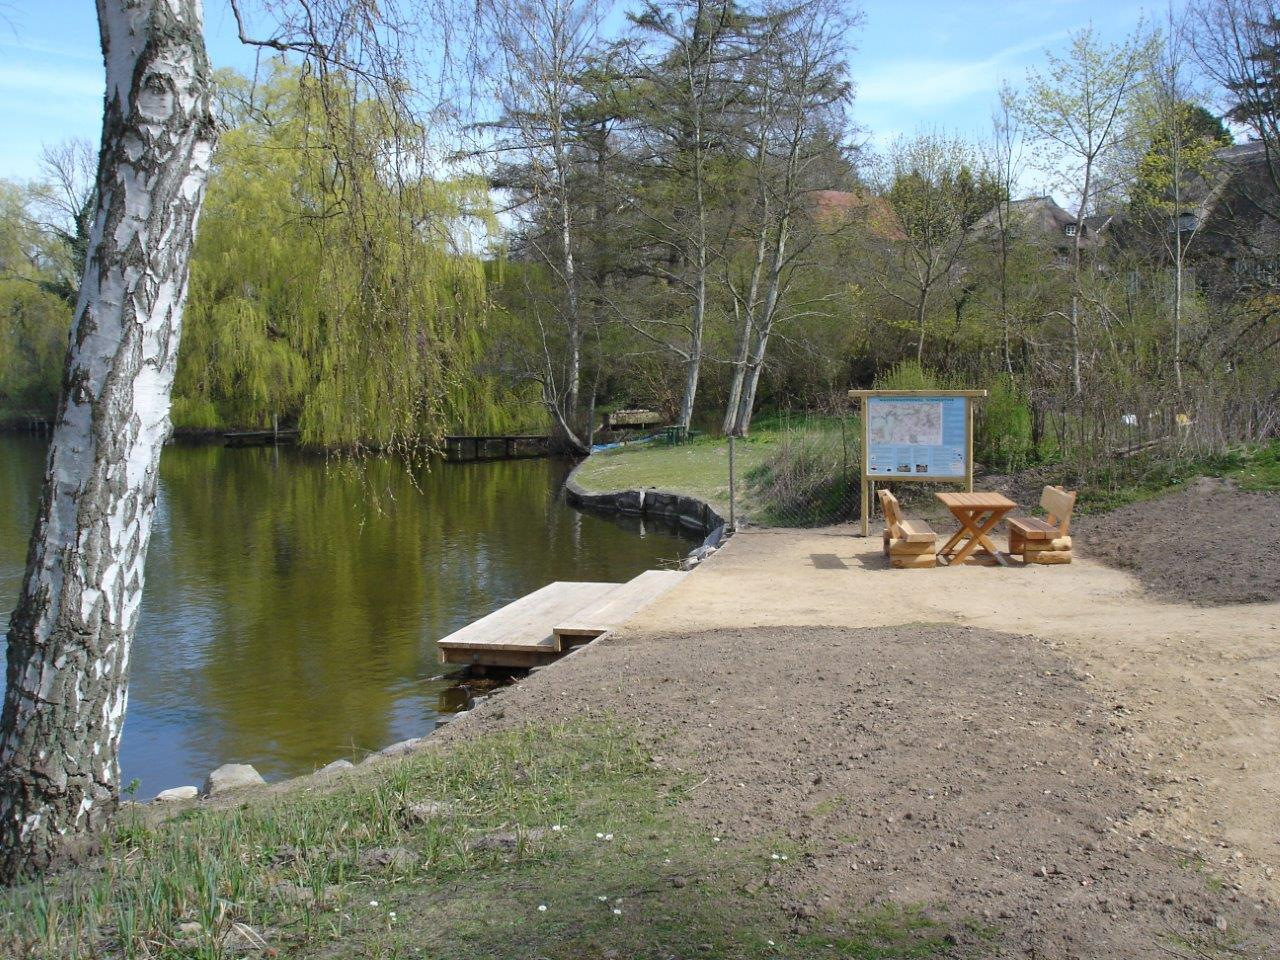 Rastplatz Fissauer Bucht Eutin Neues Konzept: Wasserwandern auf der Schwentine